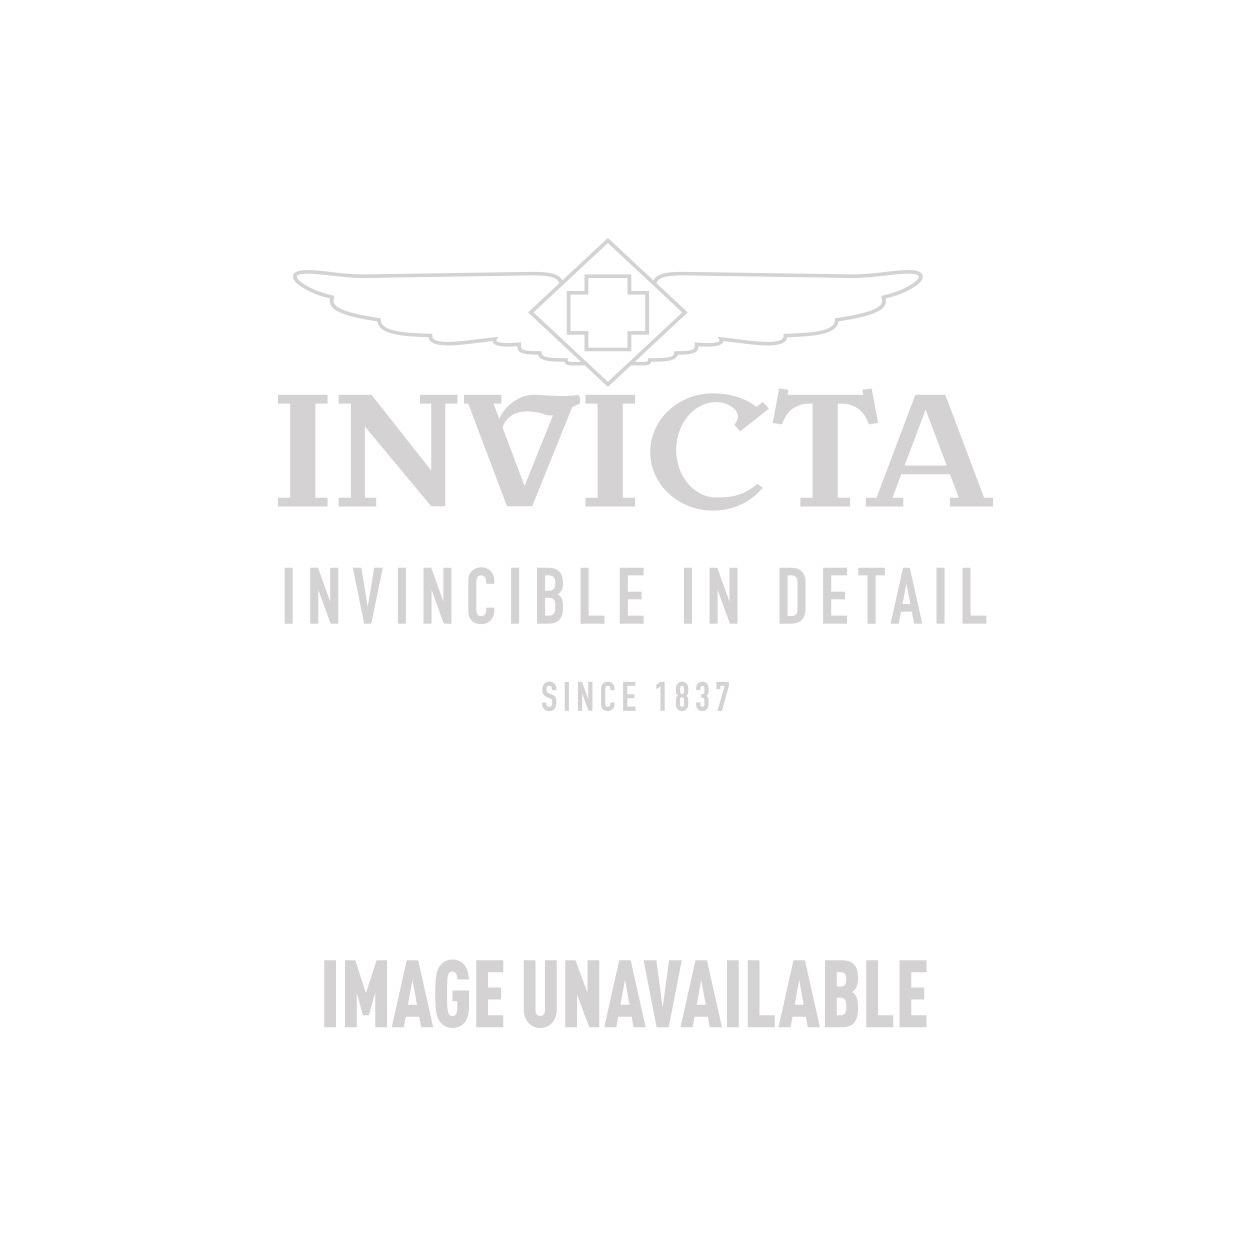 Invicta Model 26007